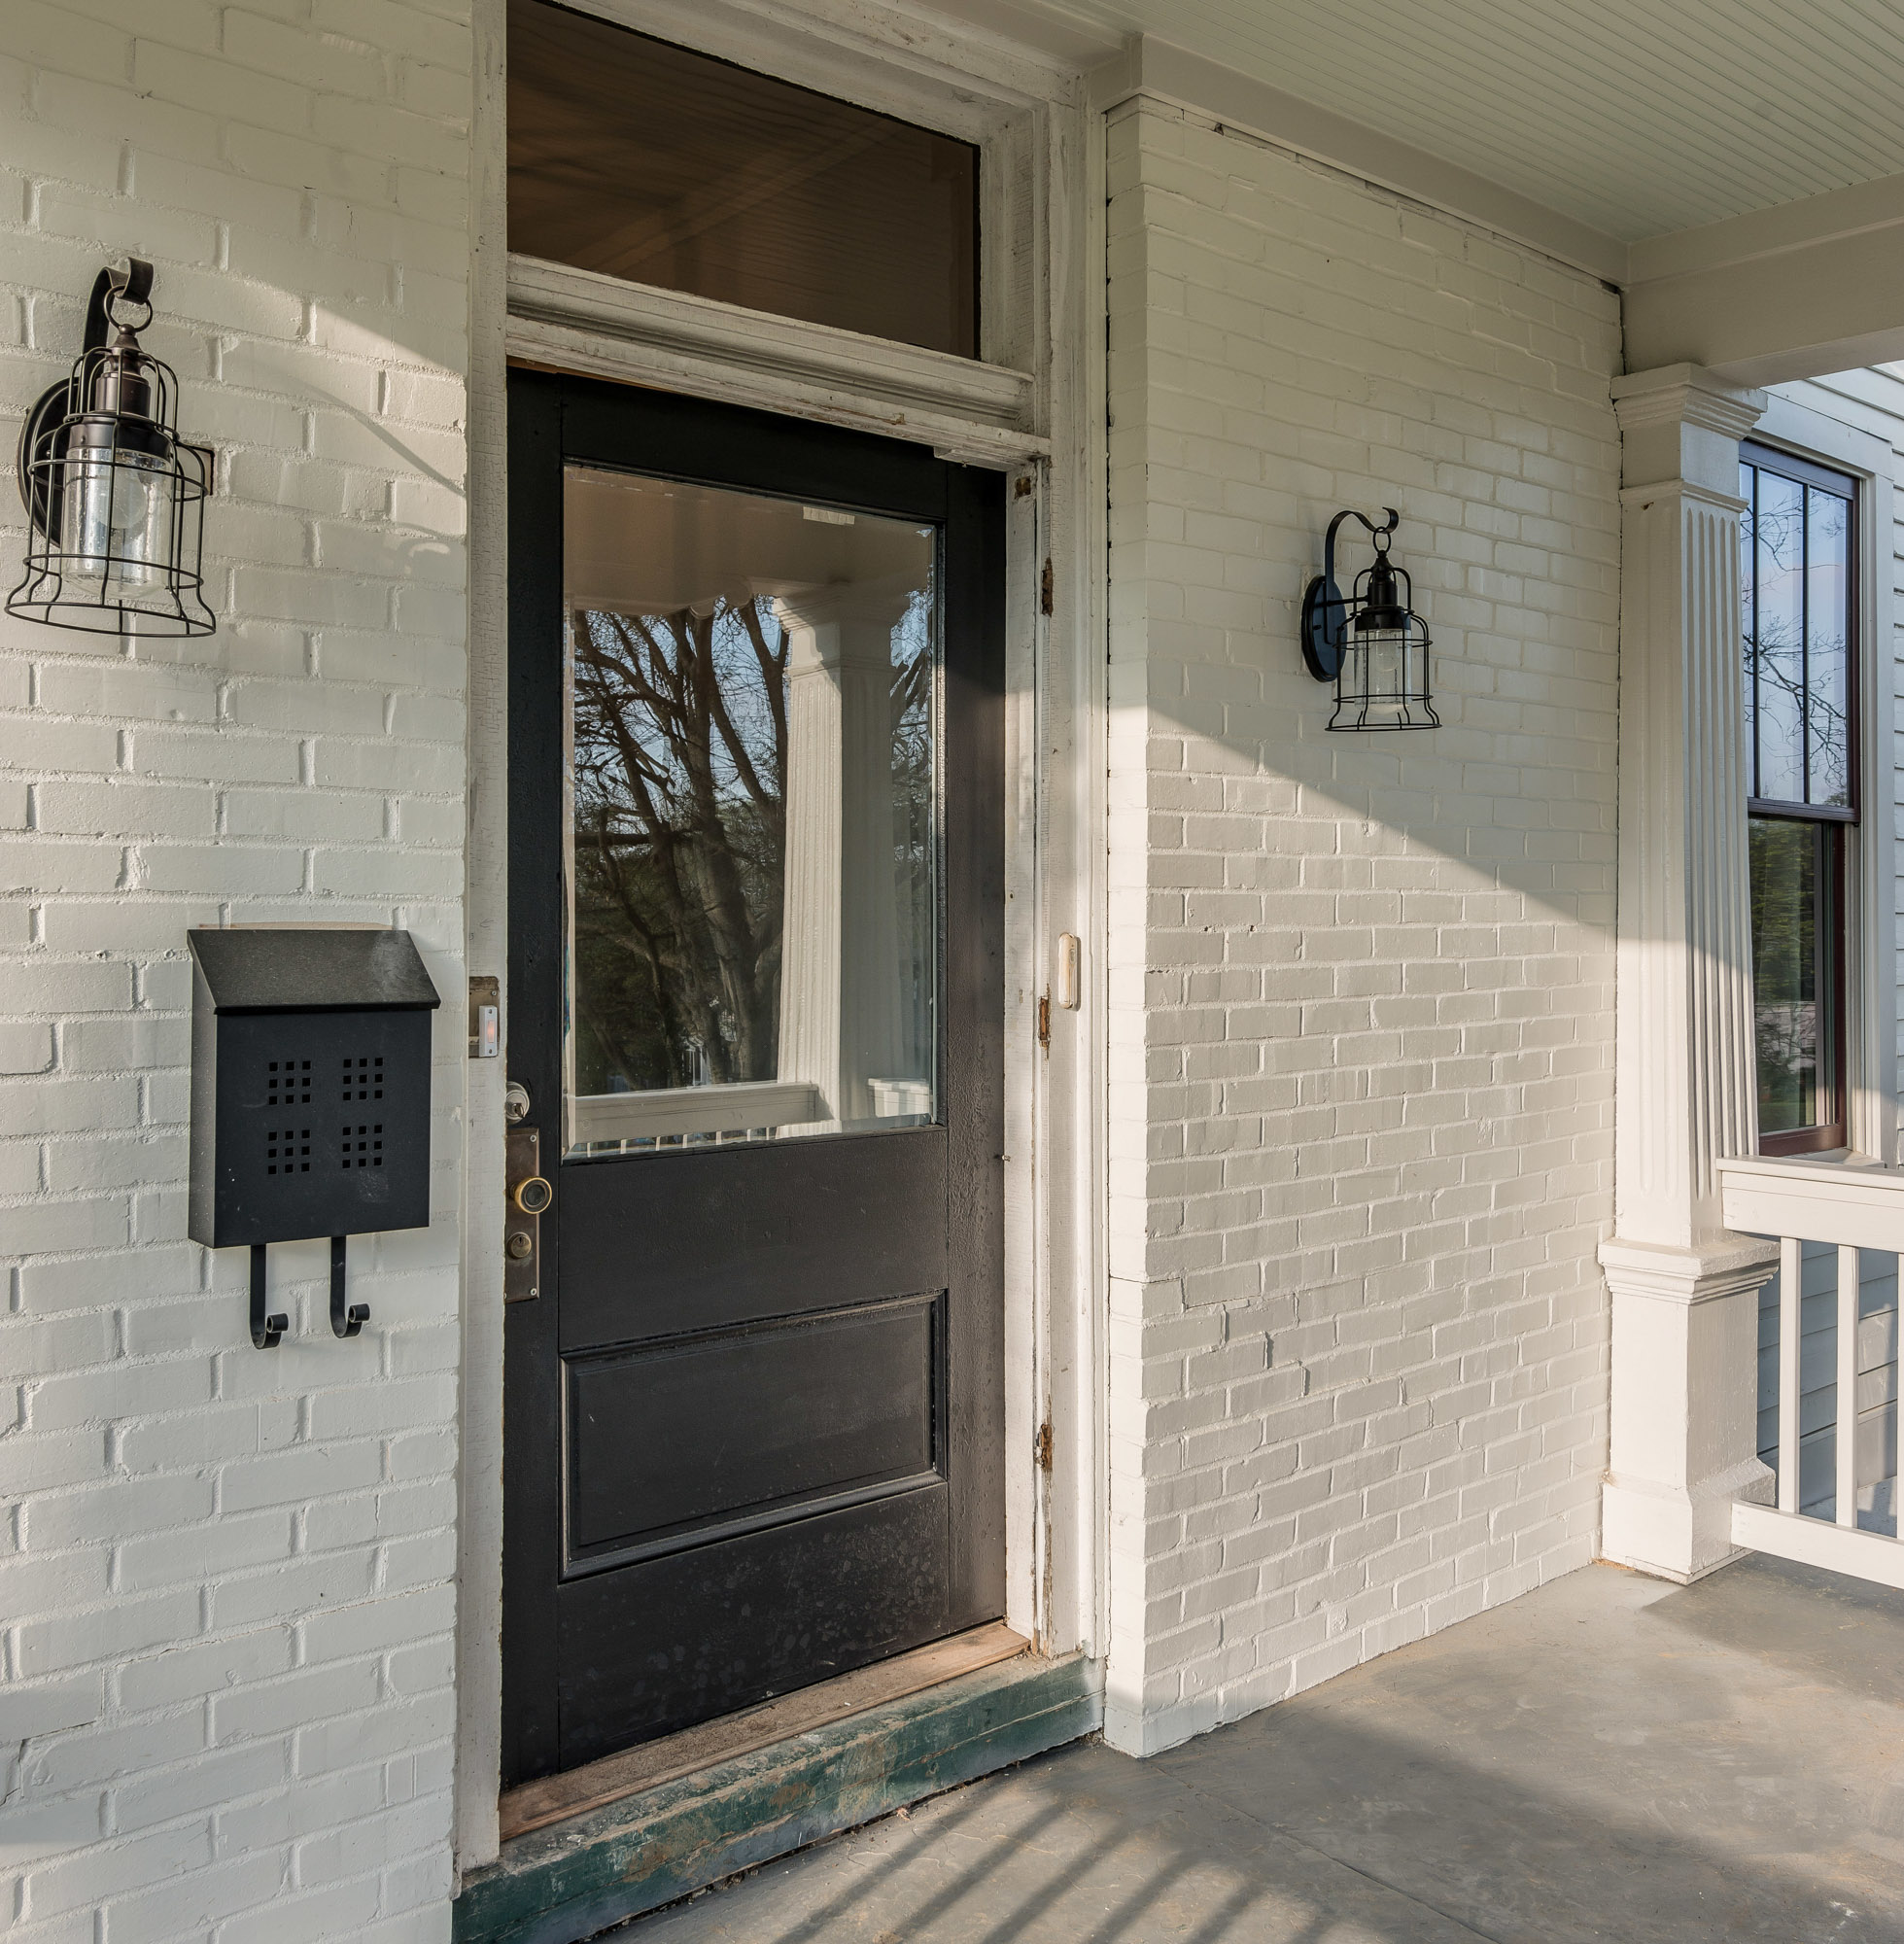 nashville-home-remodel-renovation-custom-home-tennessee-britt-development-group-1005.jpg